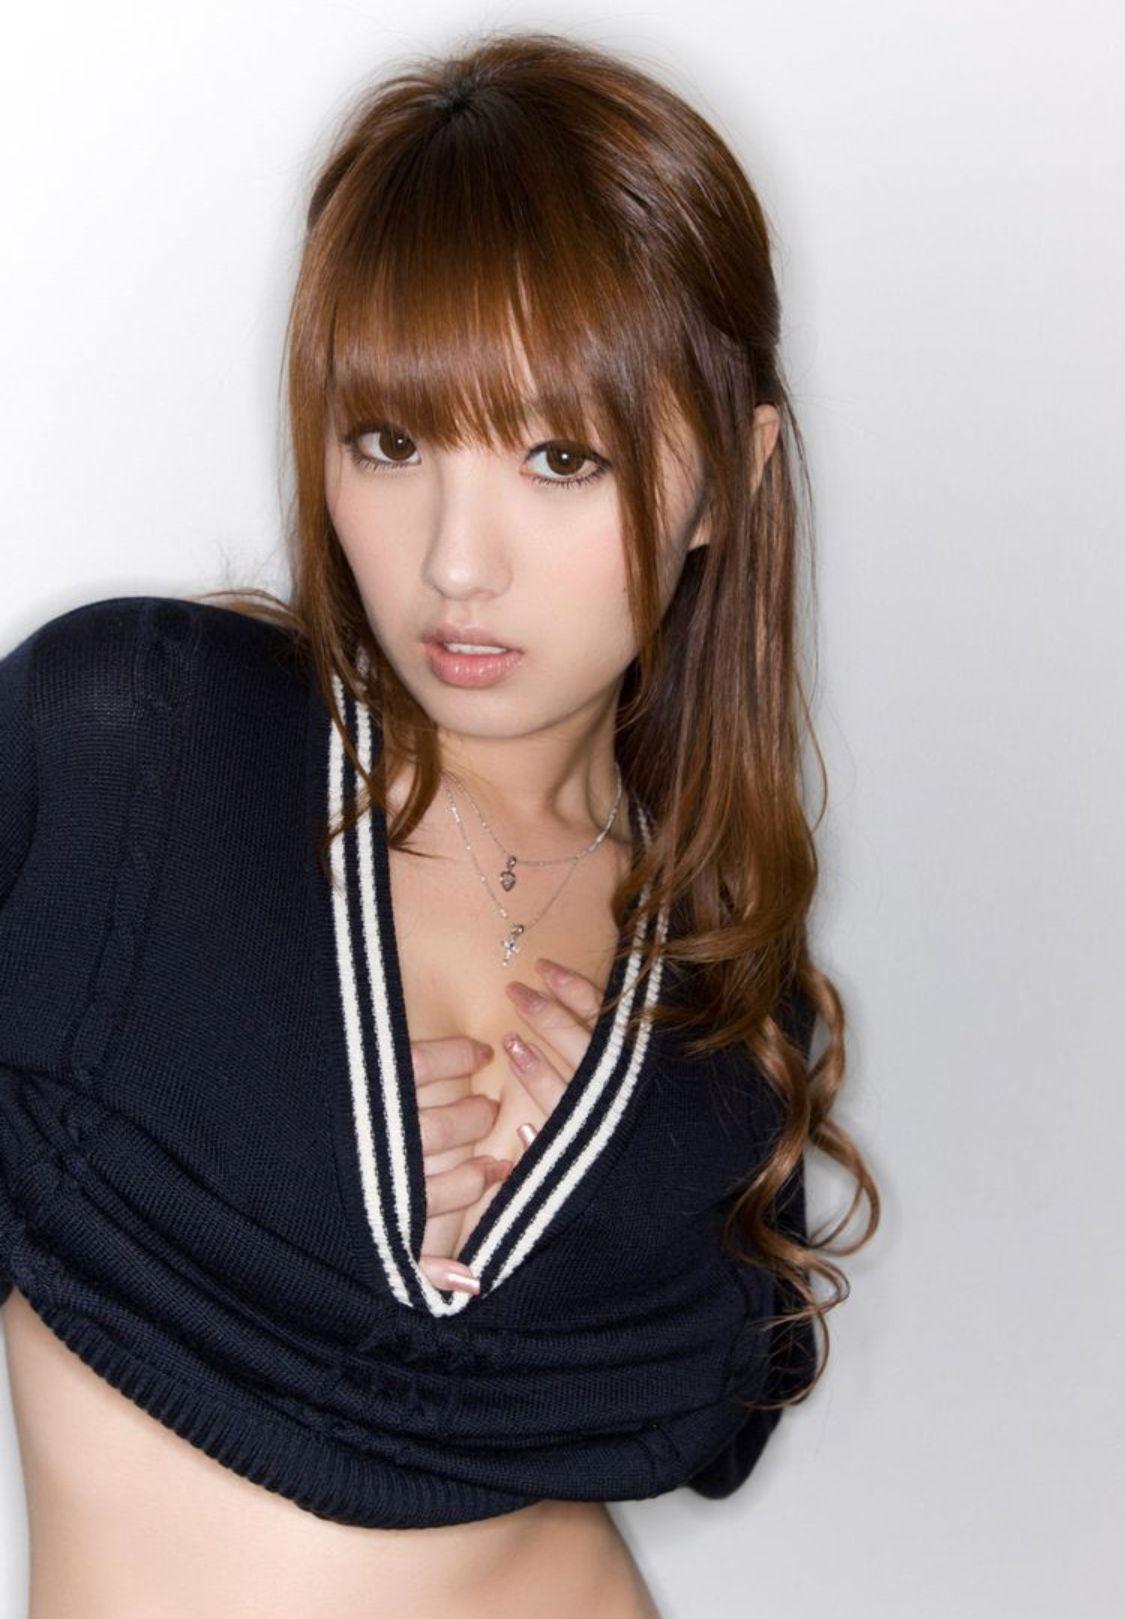 Amami Tsubasa Pic pin on hottttt